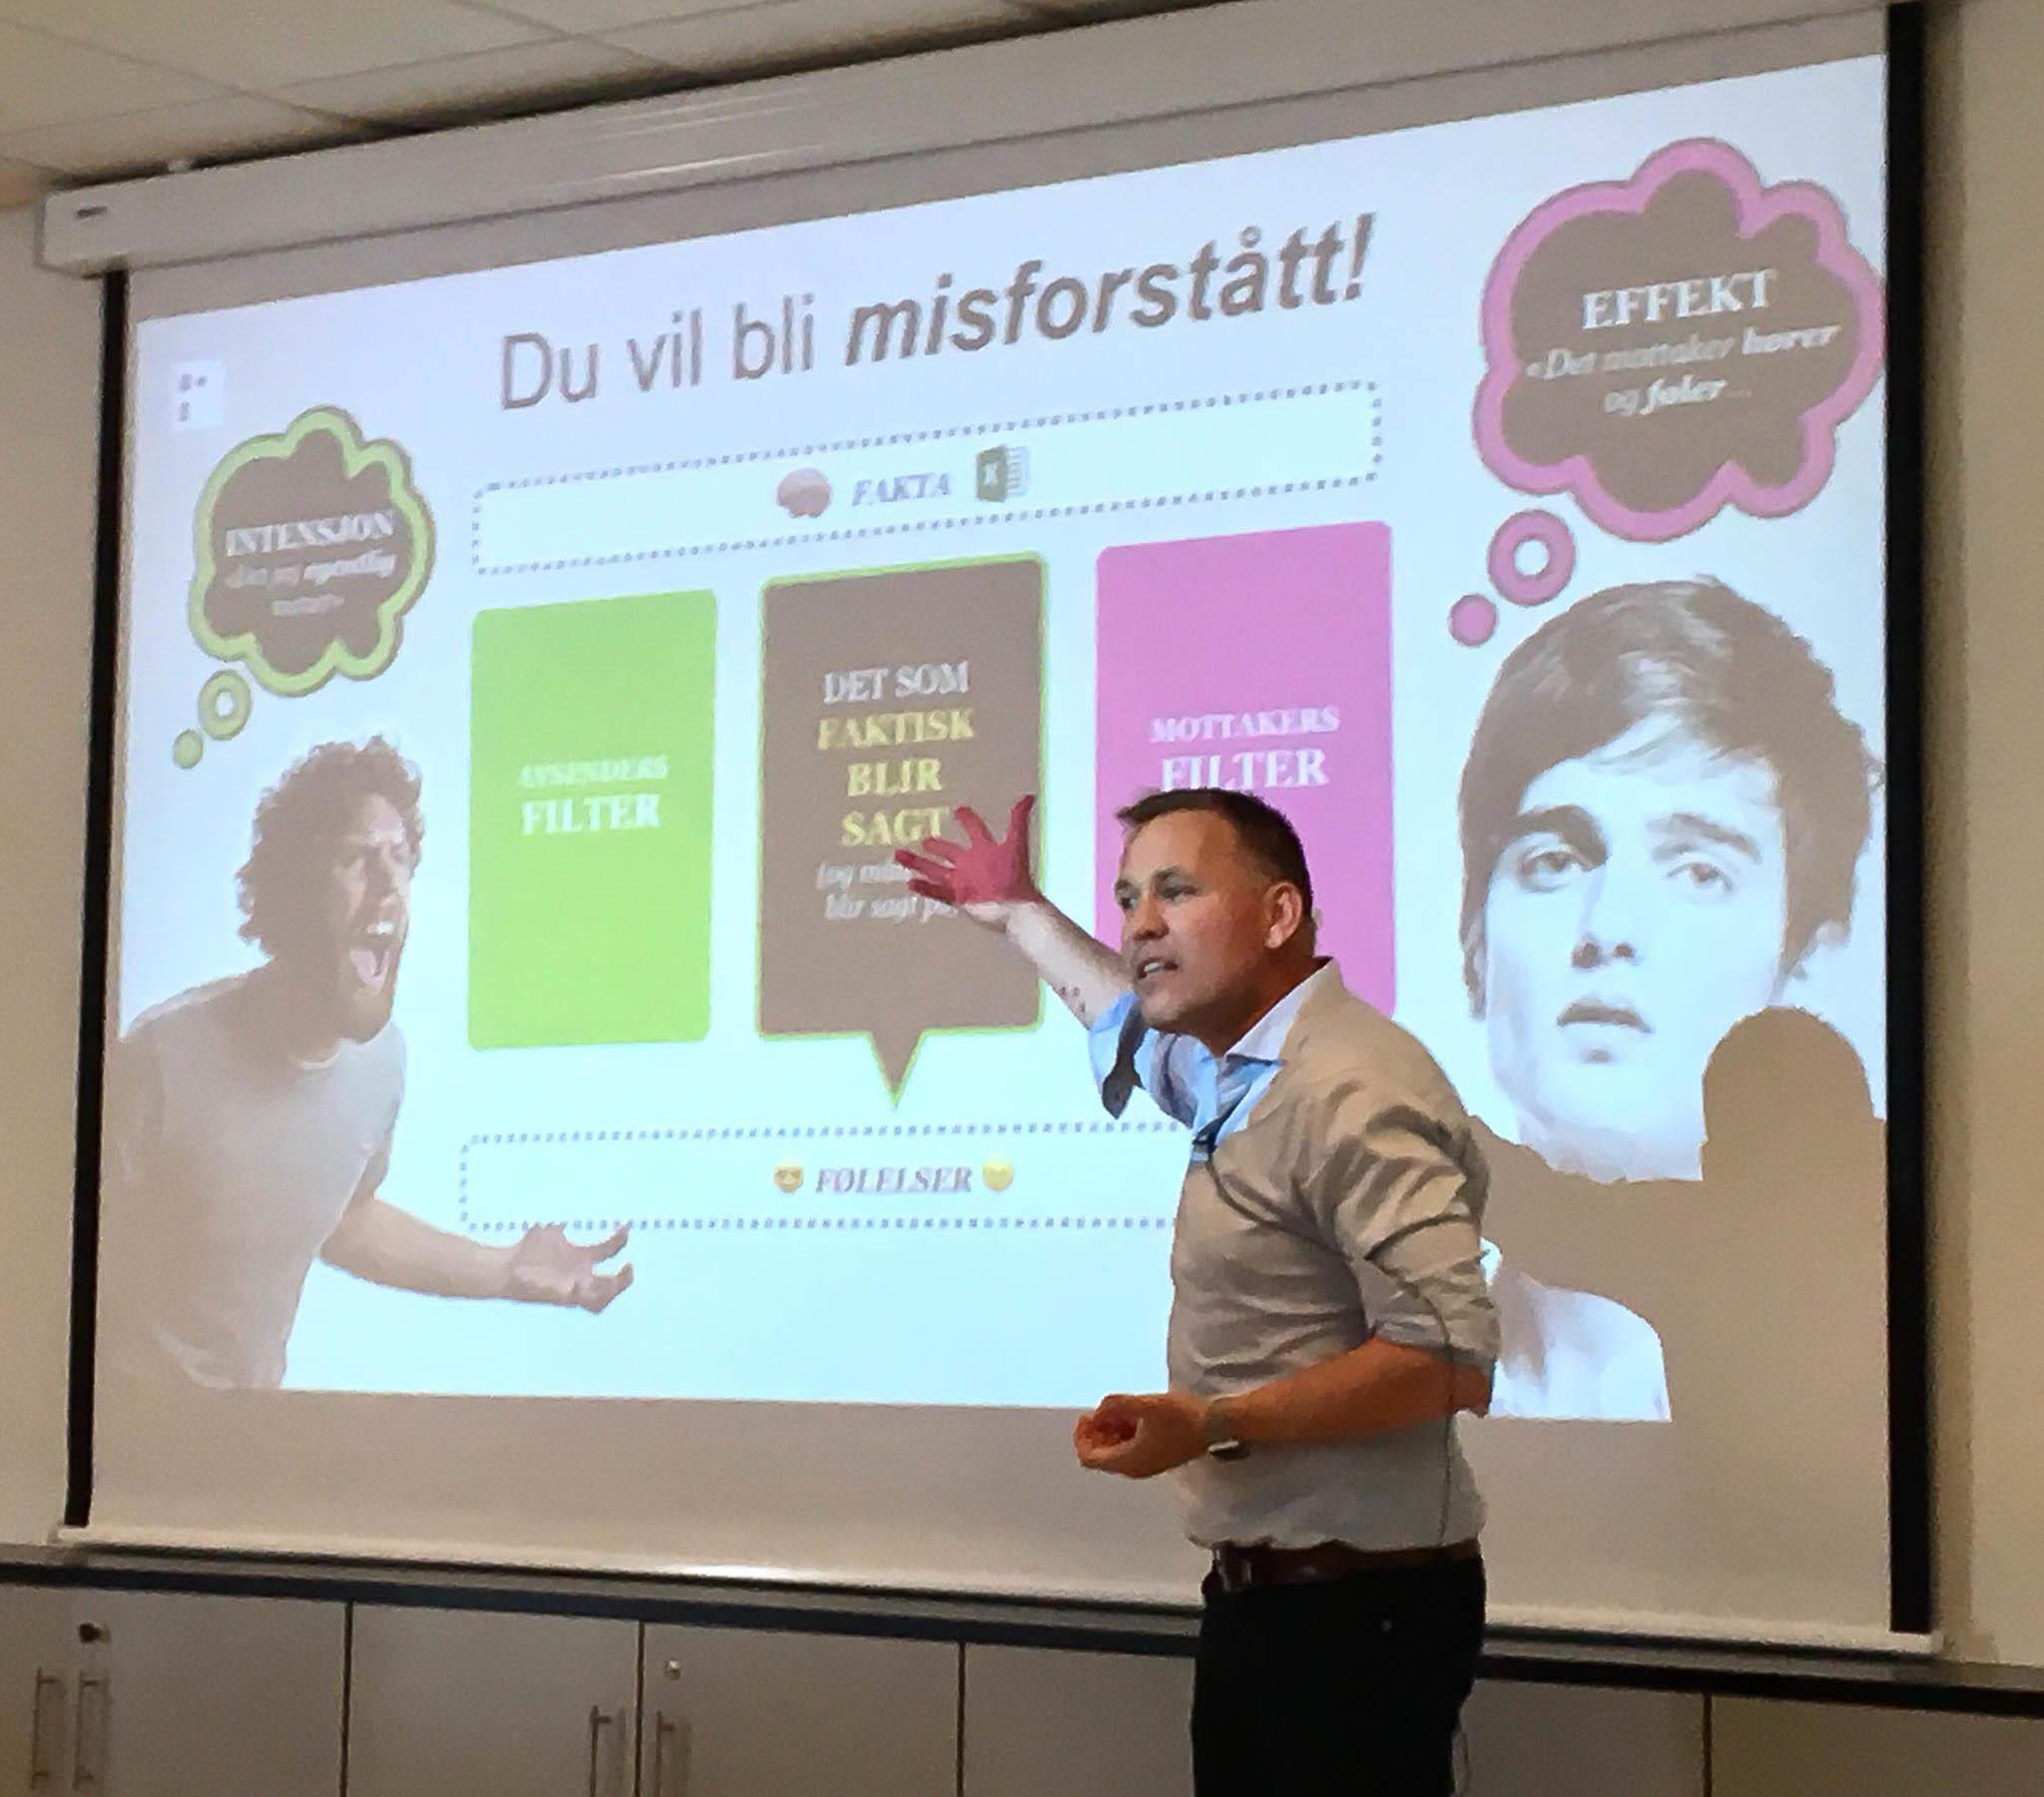 Mann foreleser foran en stor skjerm med overskriften